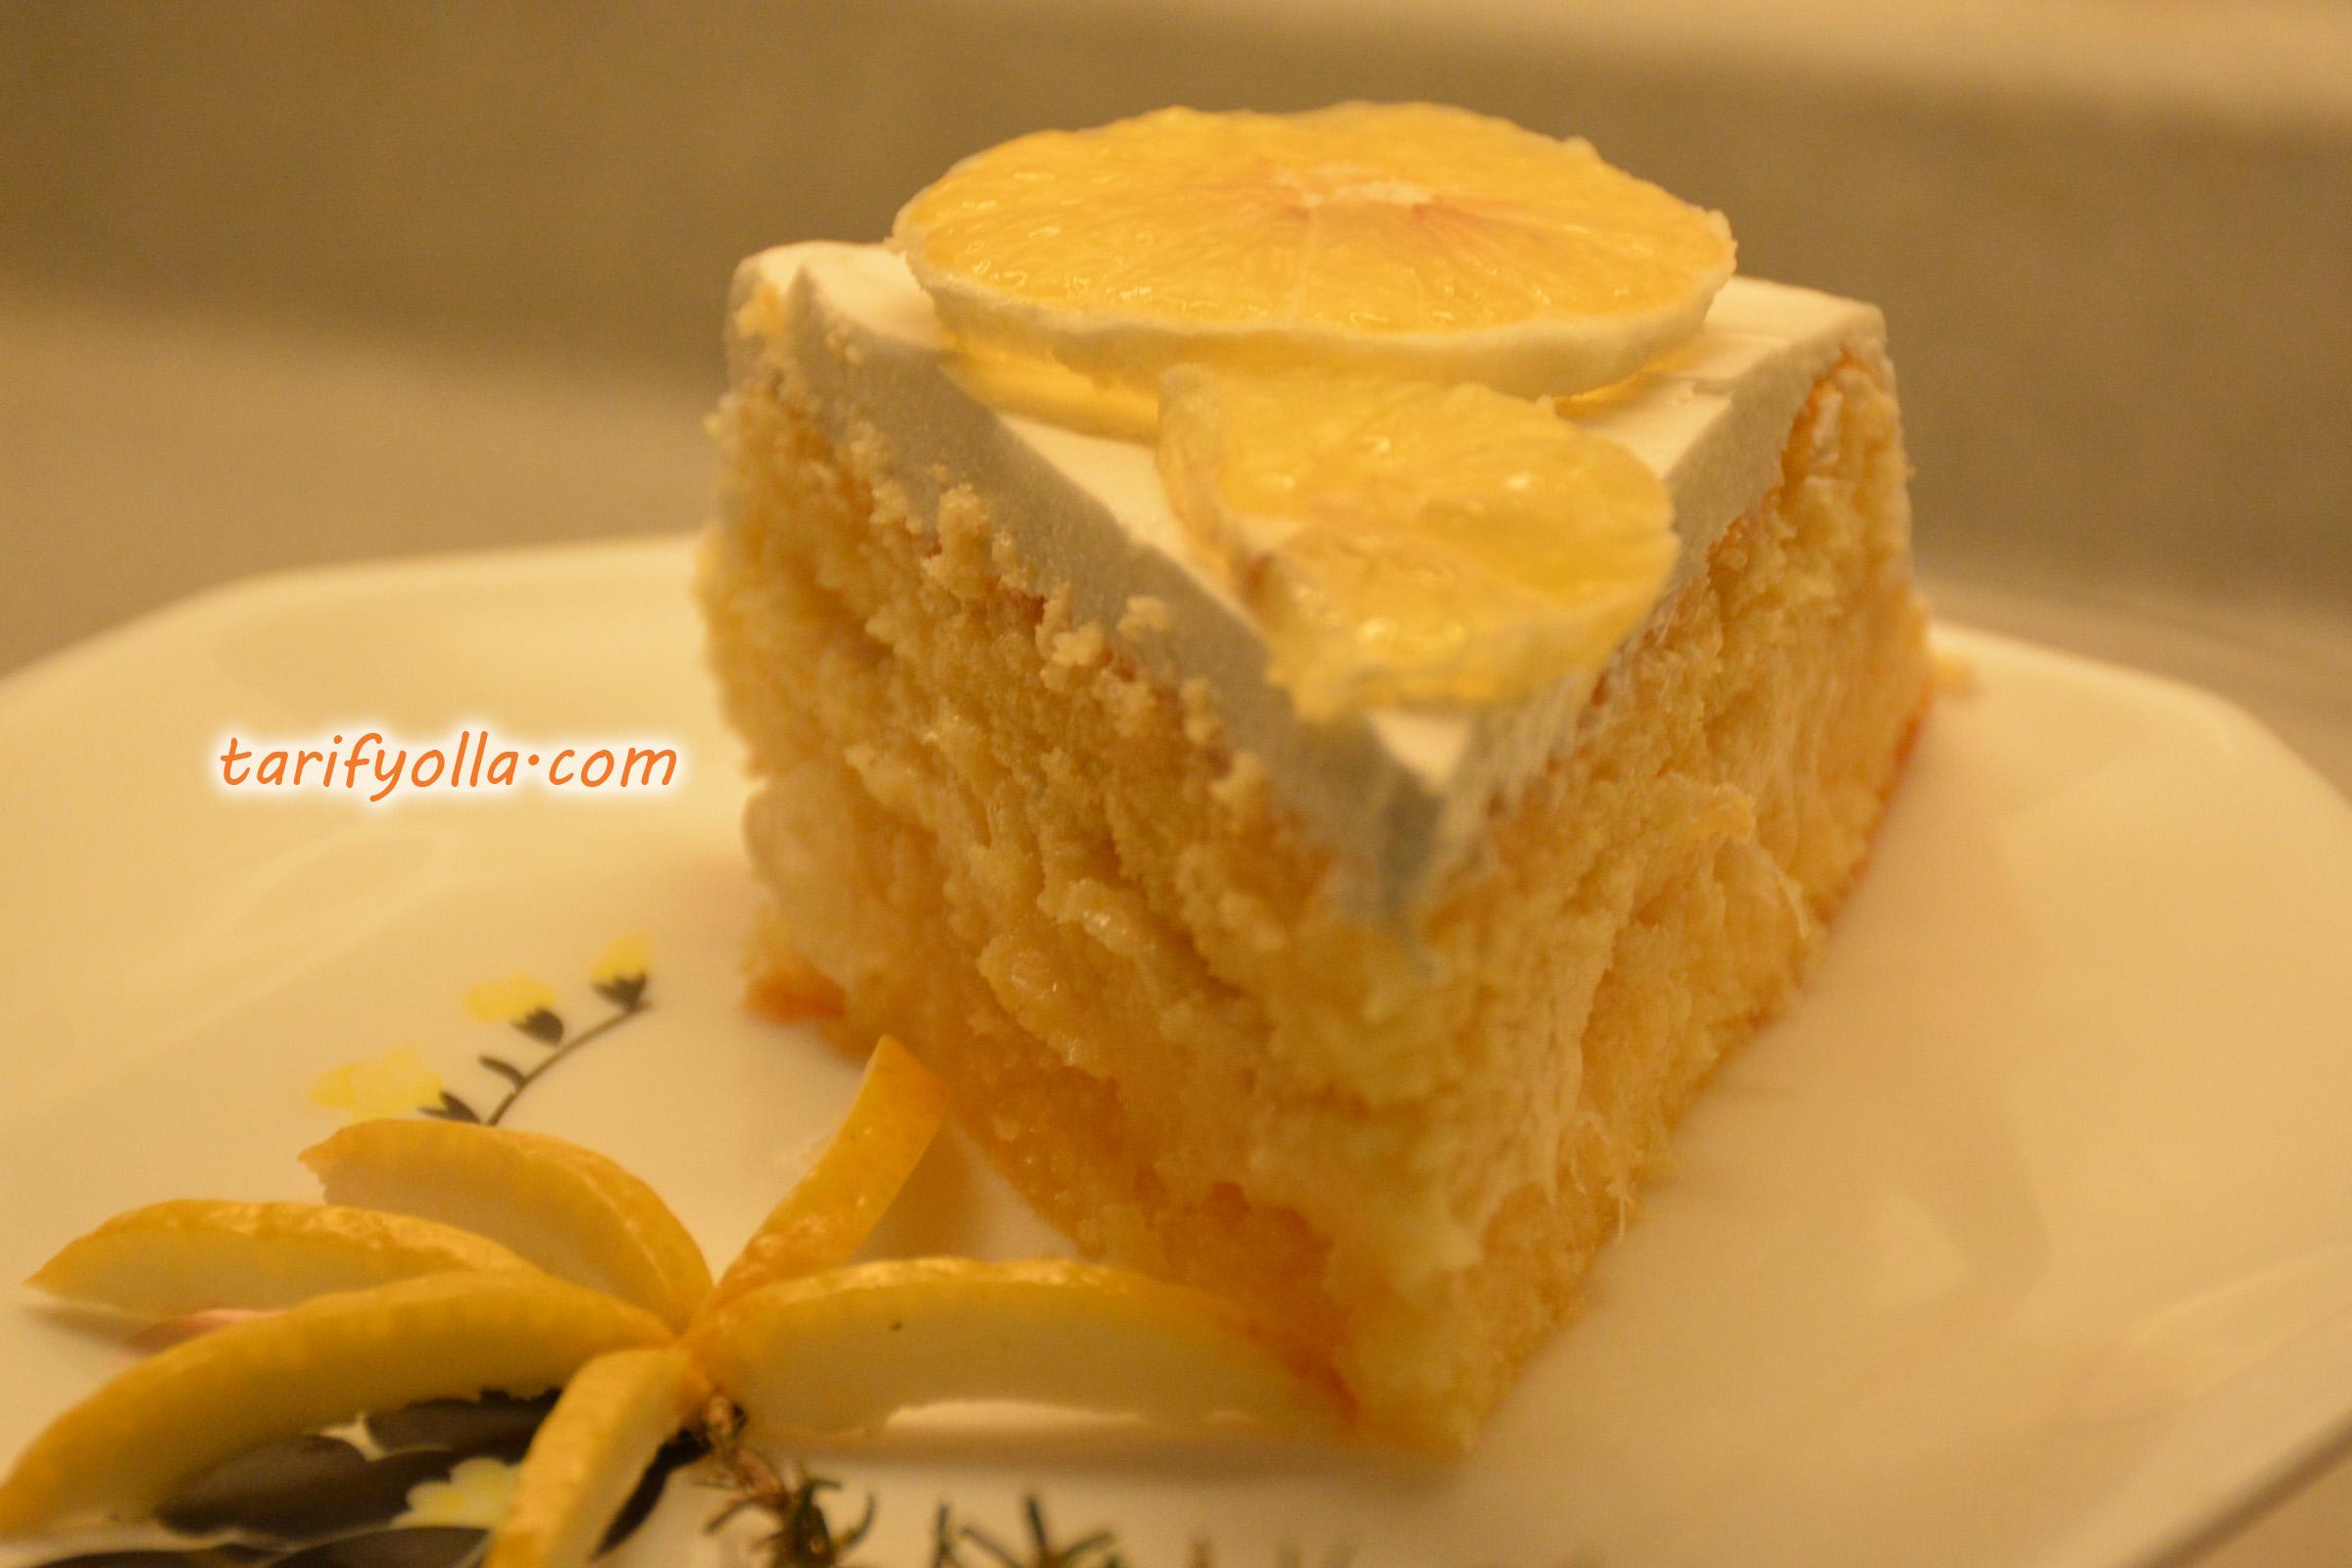 limonlu pasta yaşpasta tarifi